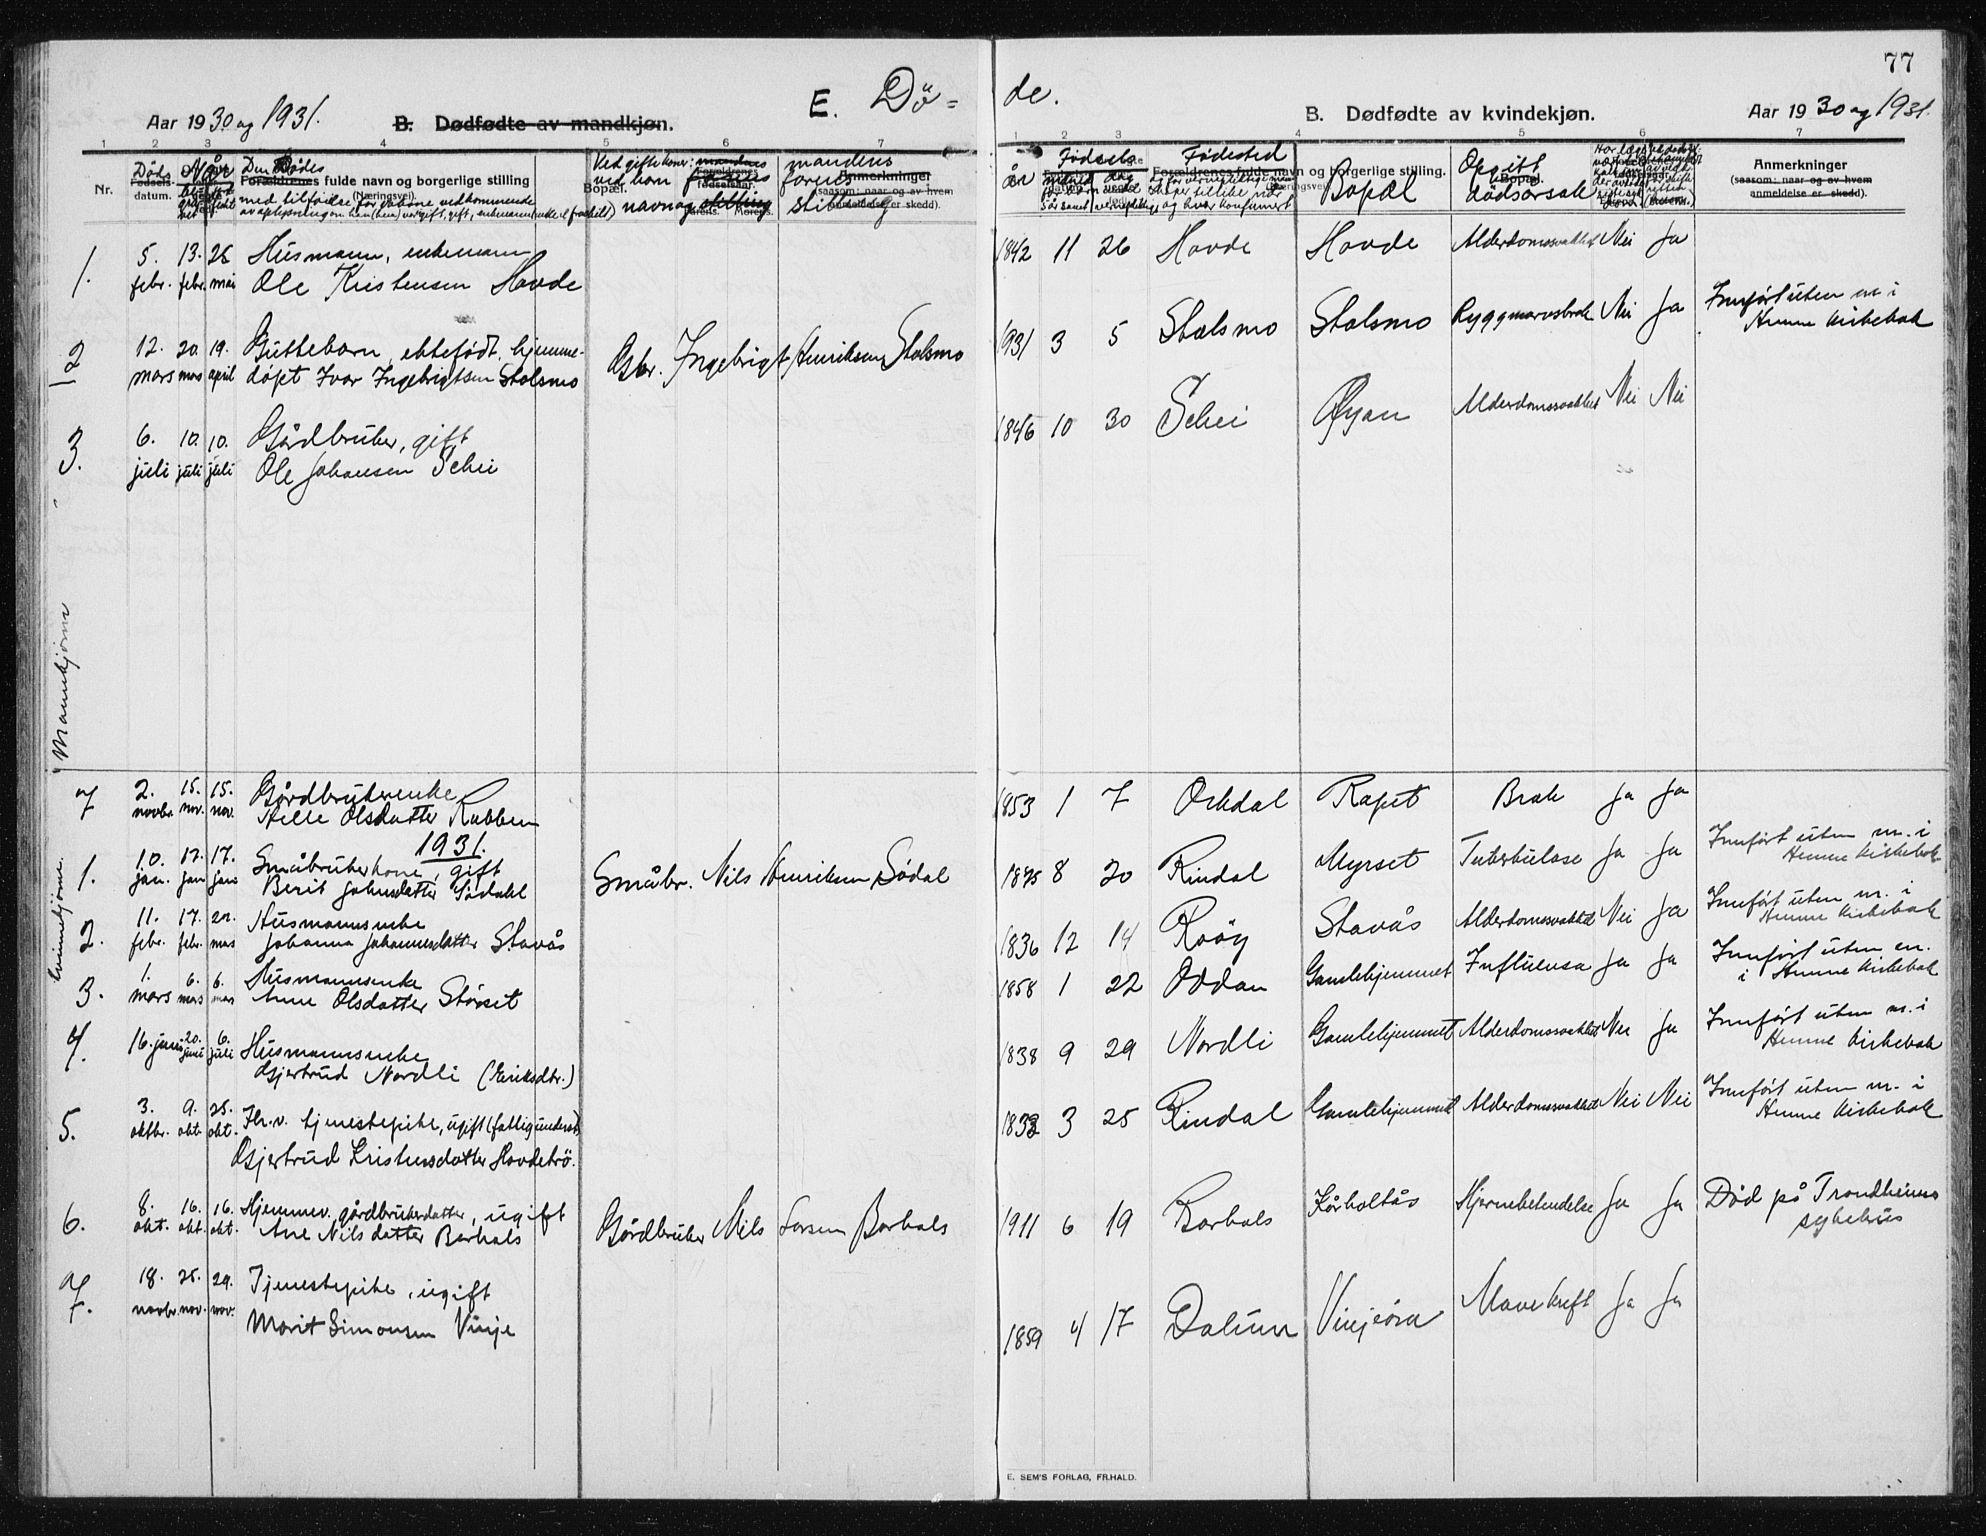 SAT, Ministerialprotokoller, klokkerbøker og fødselsregistre - Sør-Trøndelag, 631/L0515: Klokkerbok nr. 631C03, 1913-1939, s. 77